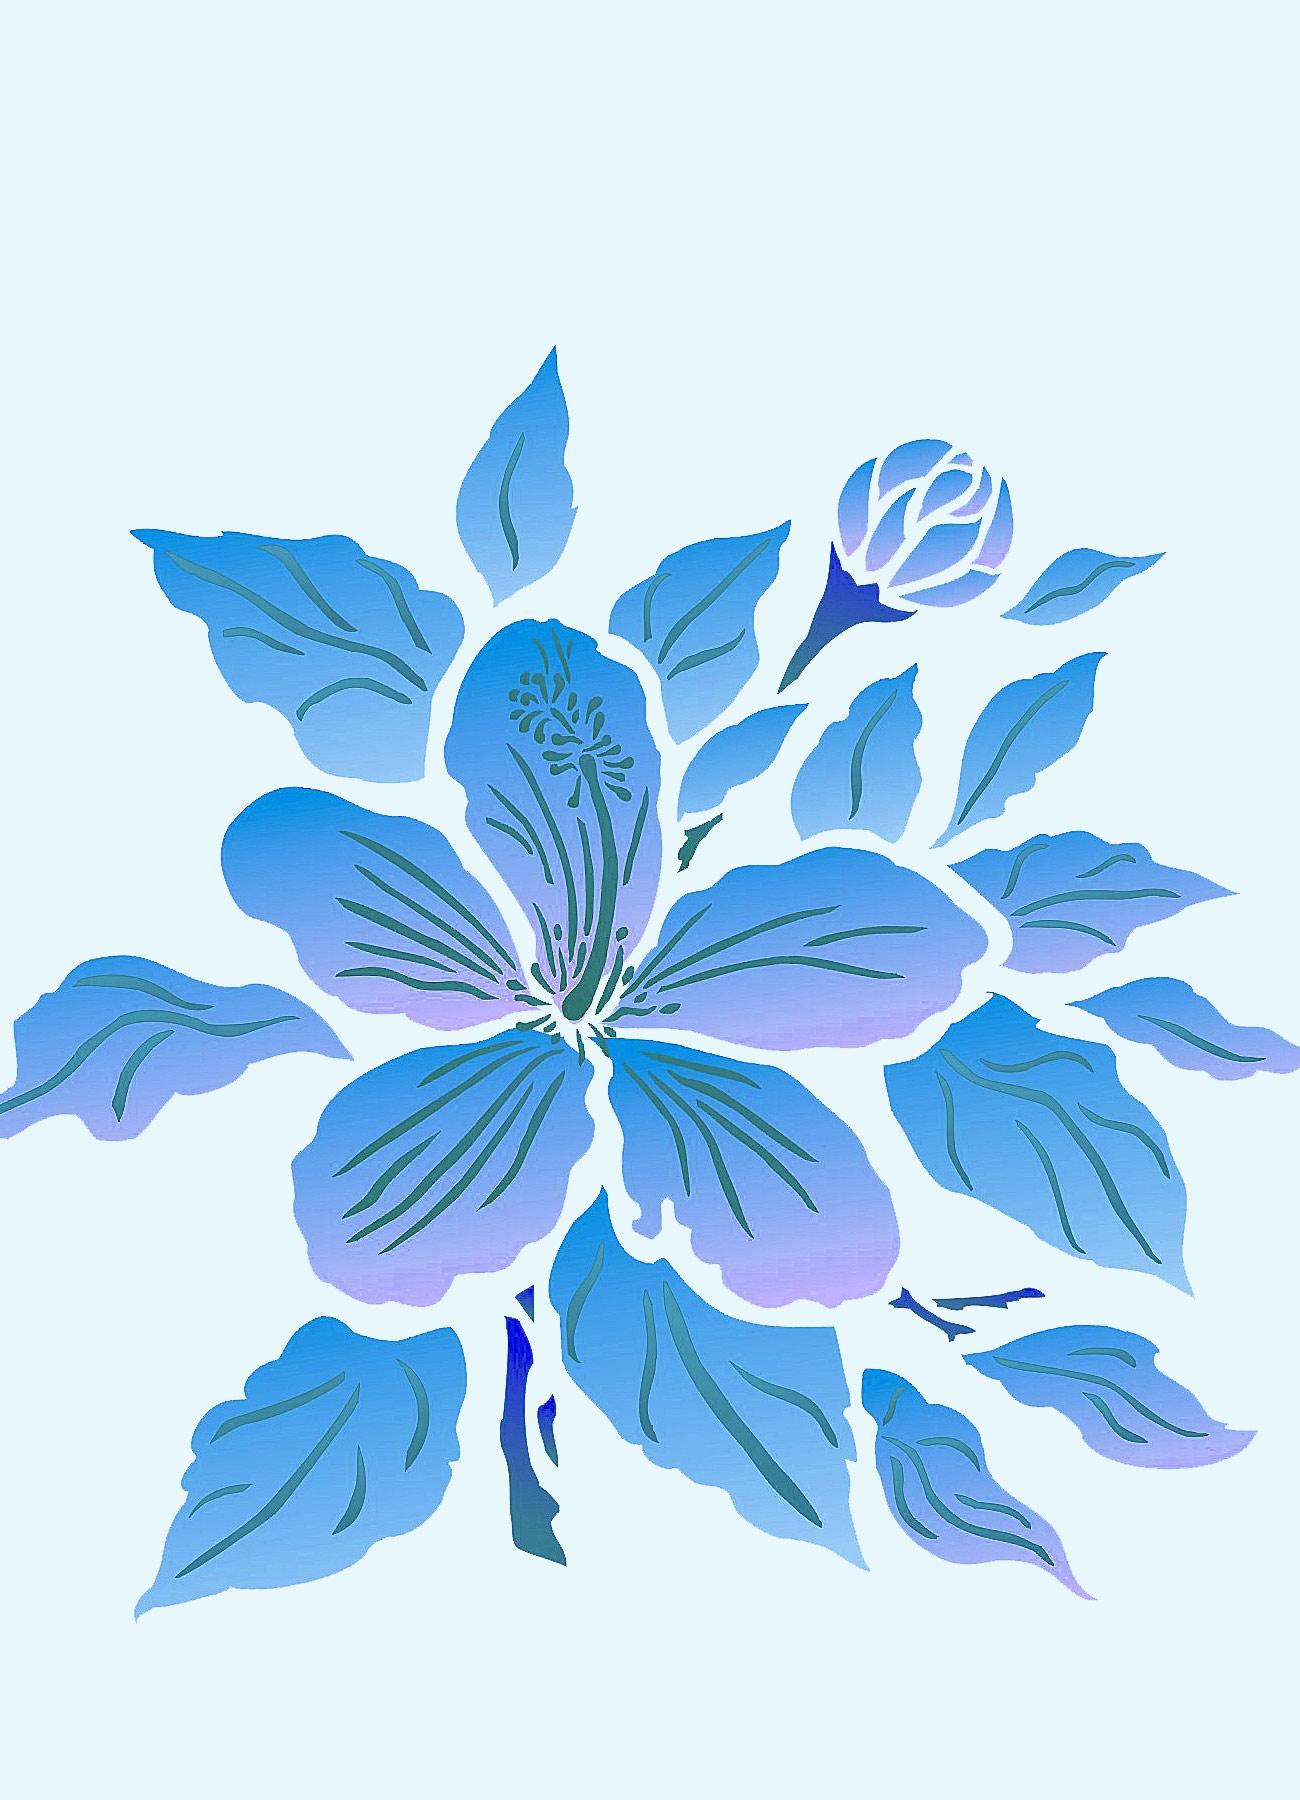 Hibiscus flower stencil 1 henny donovan motif hibiscus flower stencil 1 izmirmasajfo